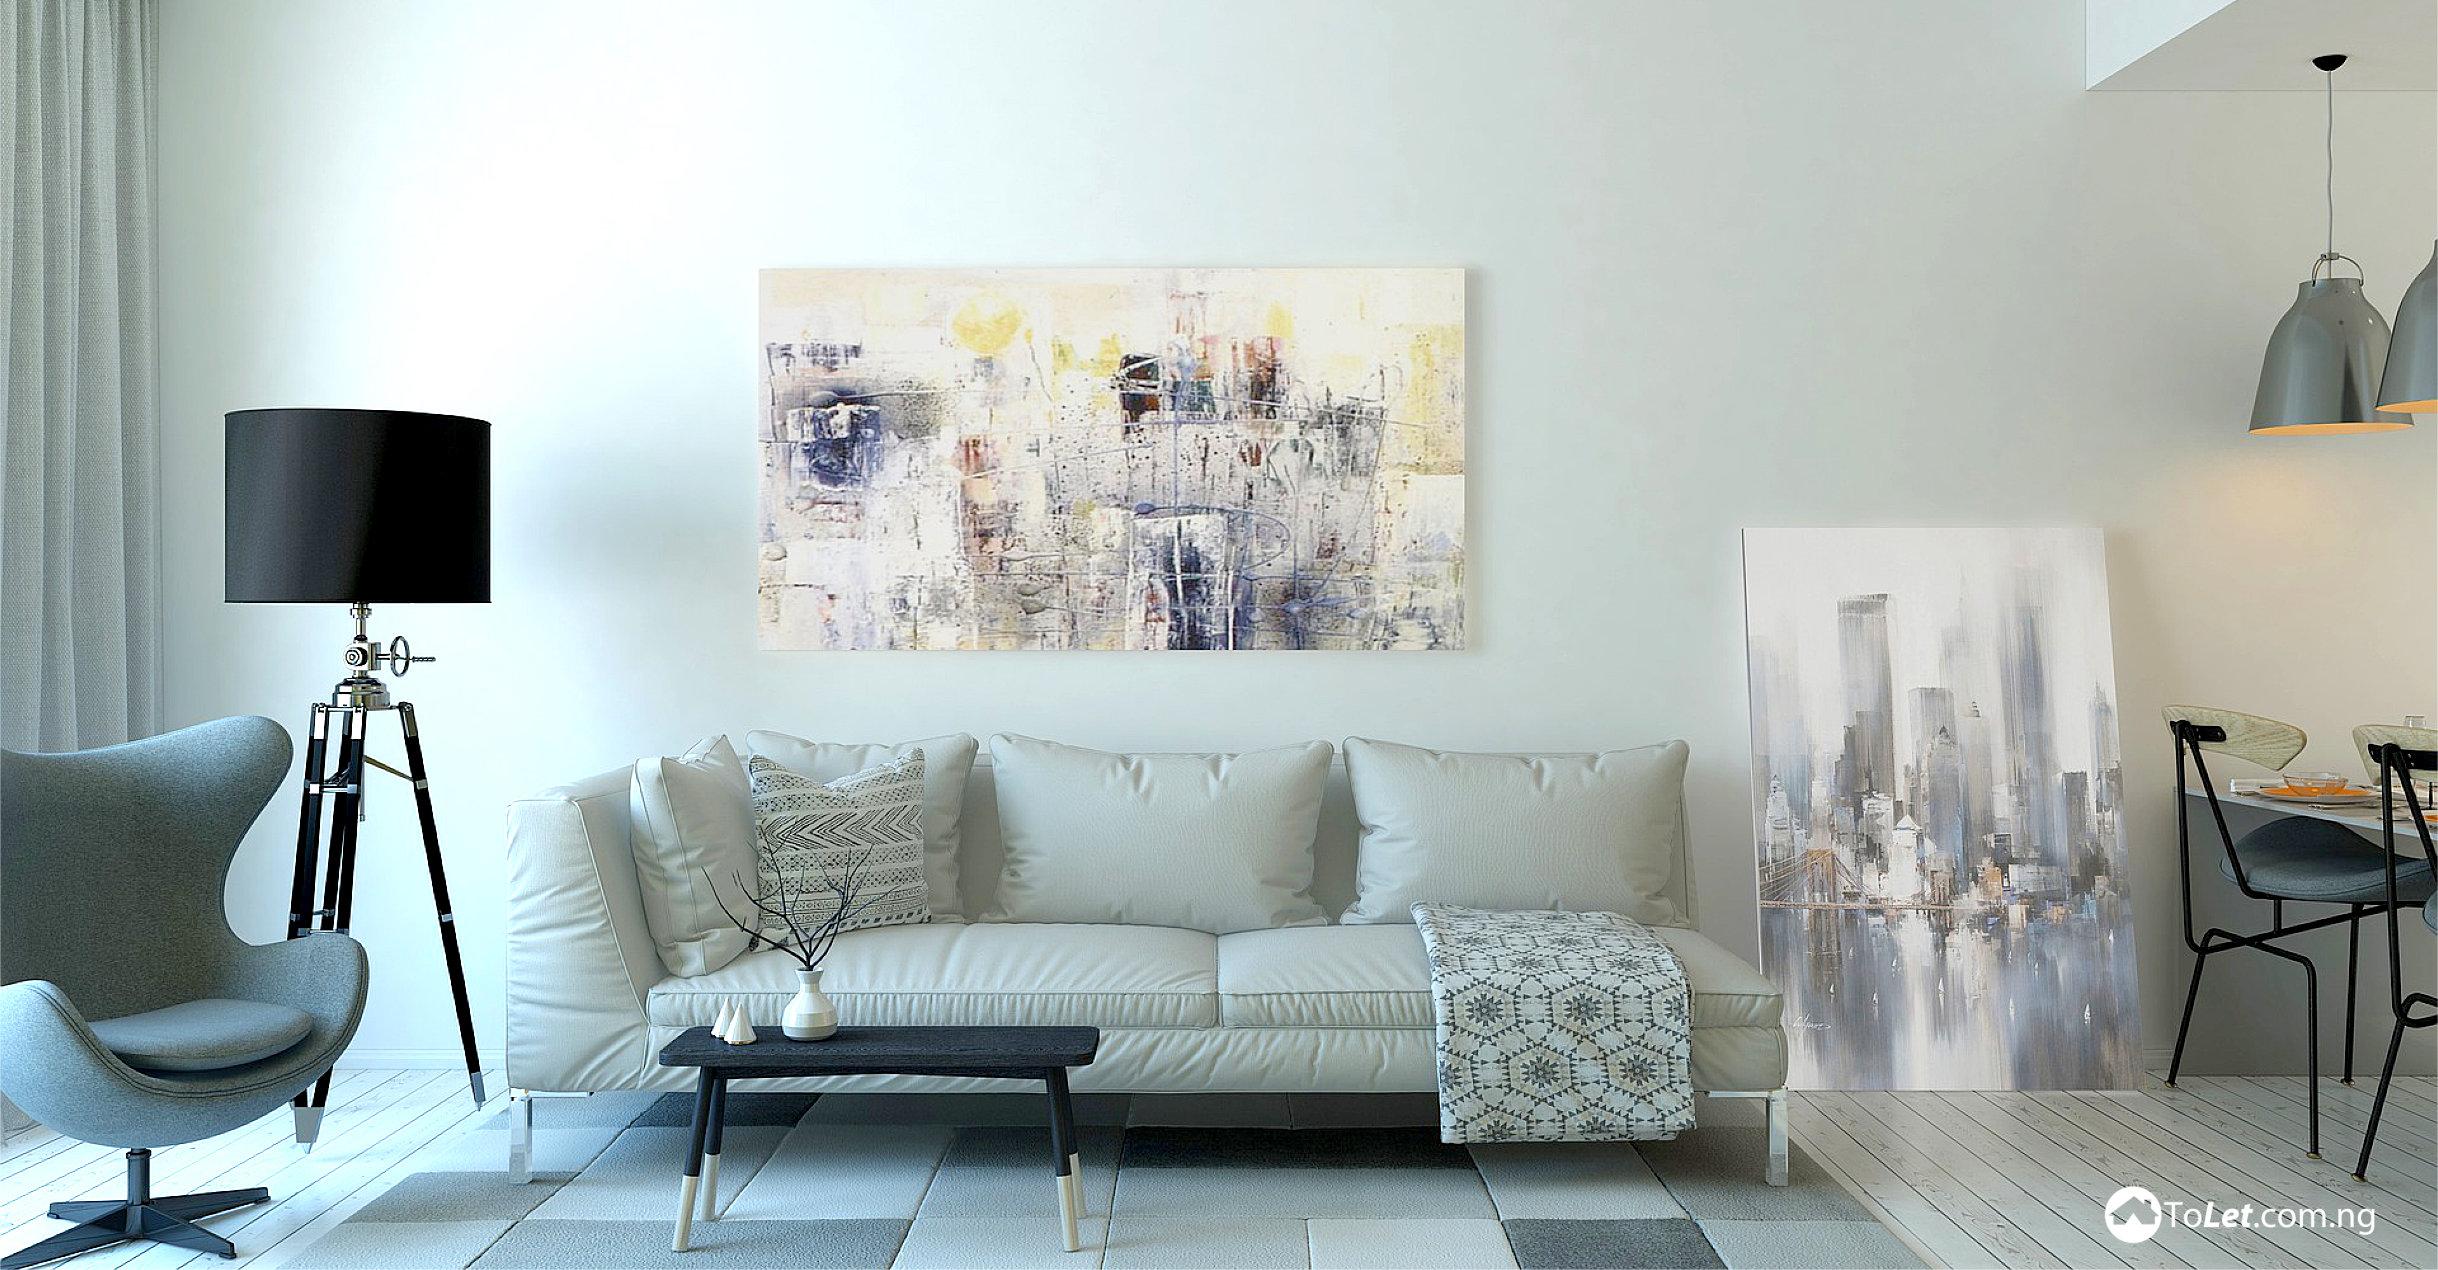 Small Modern Living Room Design Ideas - PropertyPro Insider